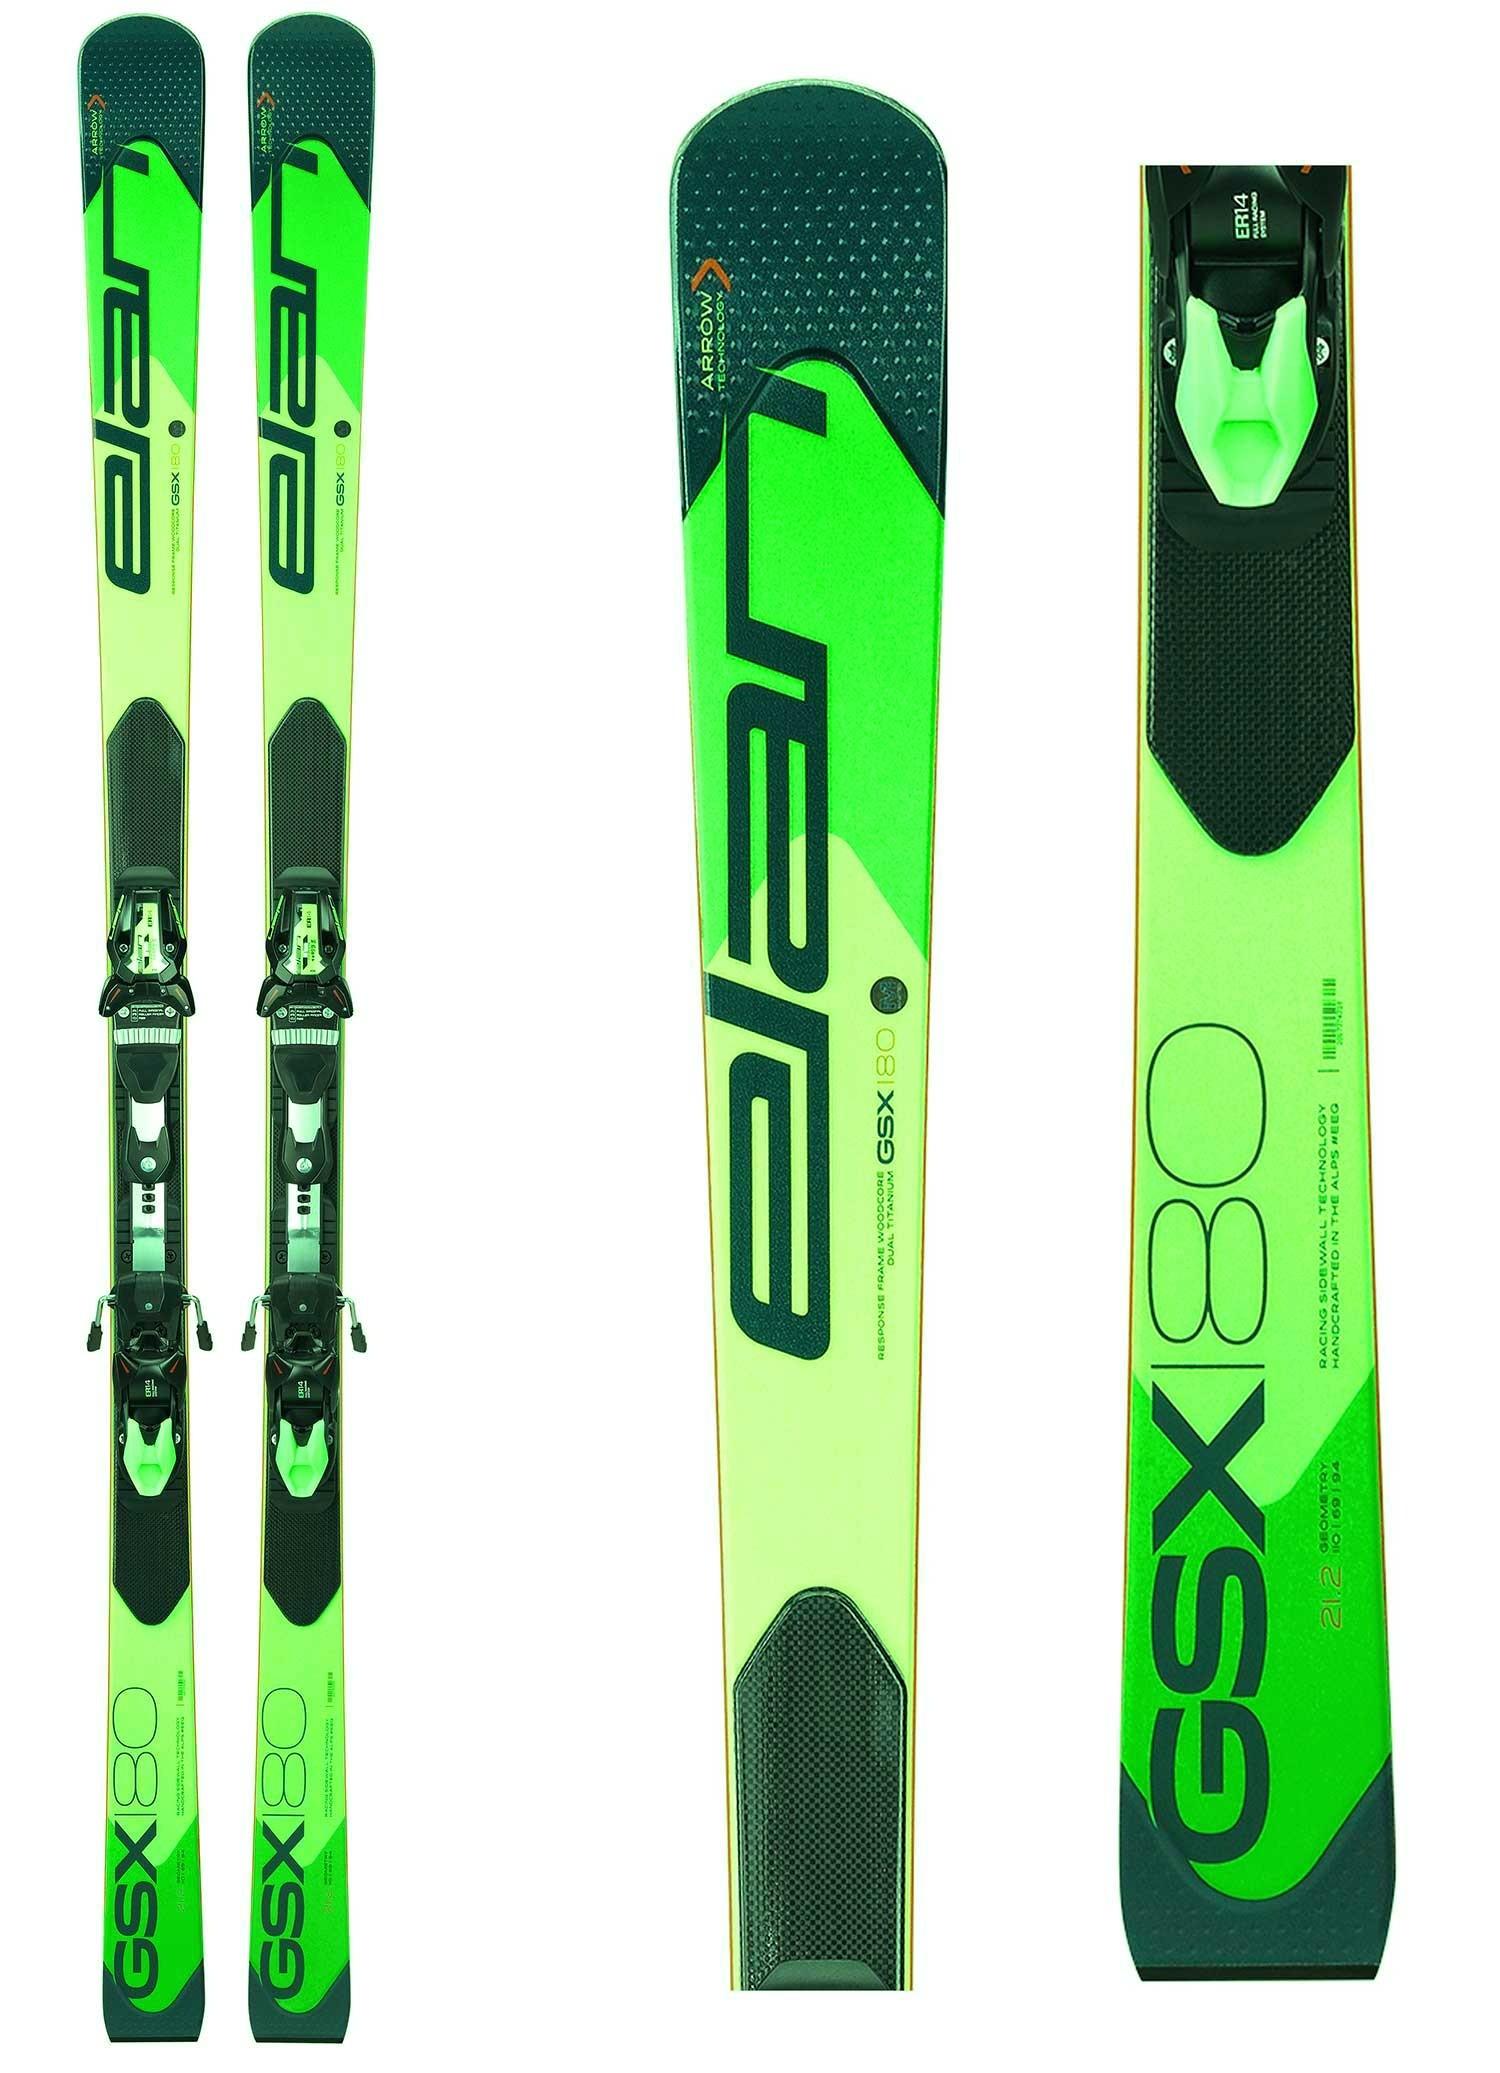 Elan GSX MASTER Plate, Racing GS skis, 2019